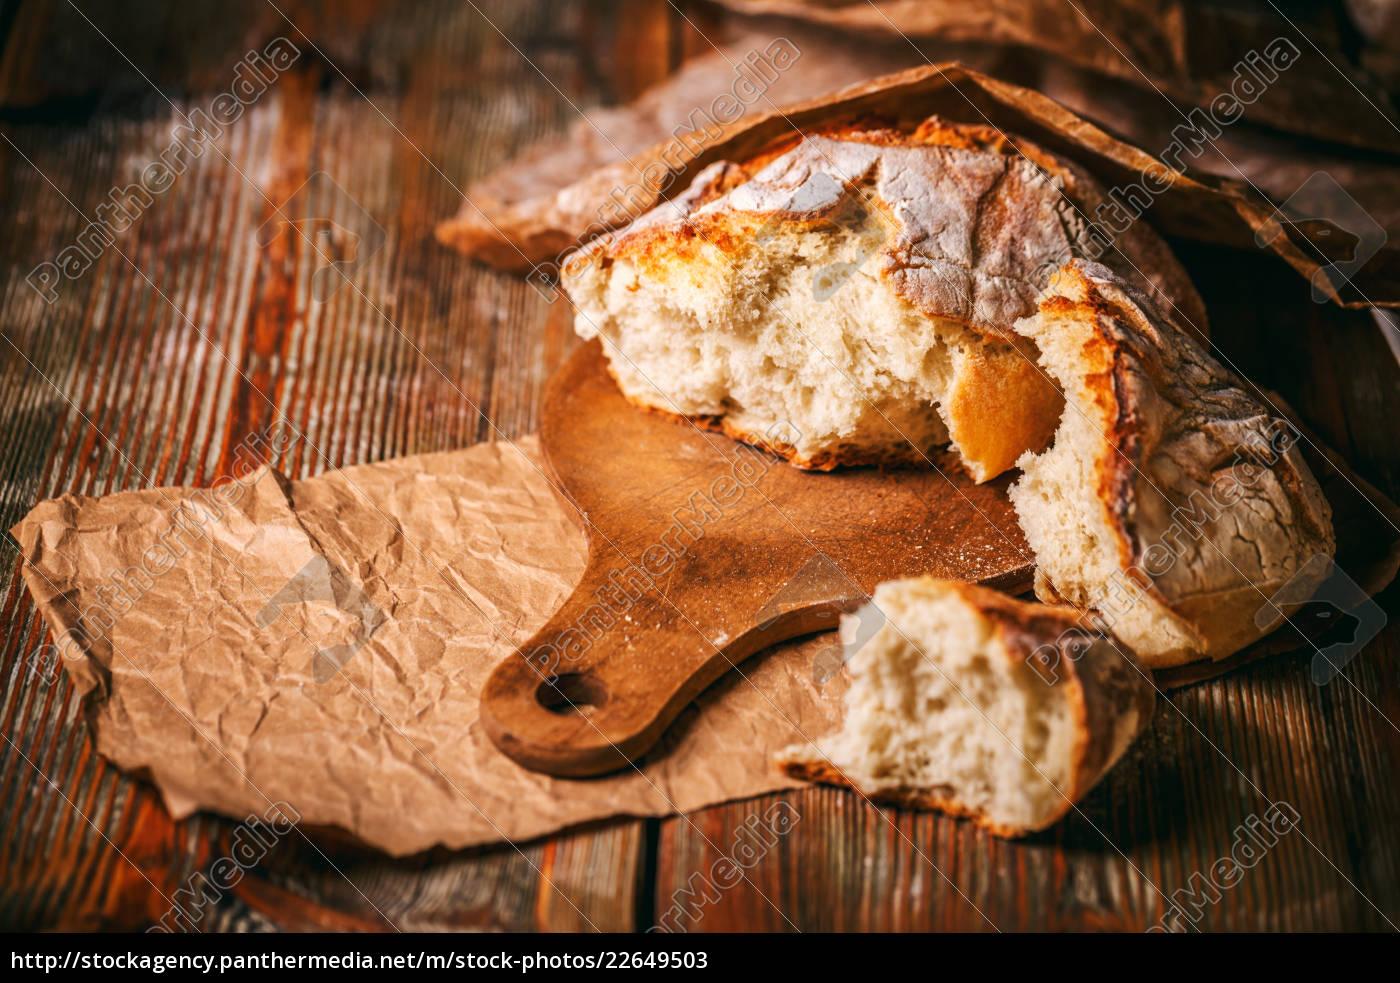 pan, de, cereales, crujientes - 22649503